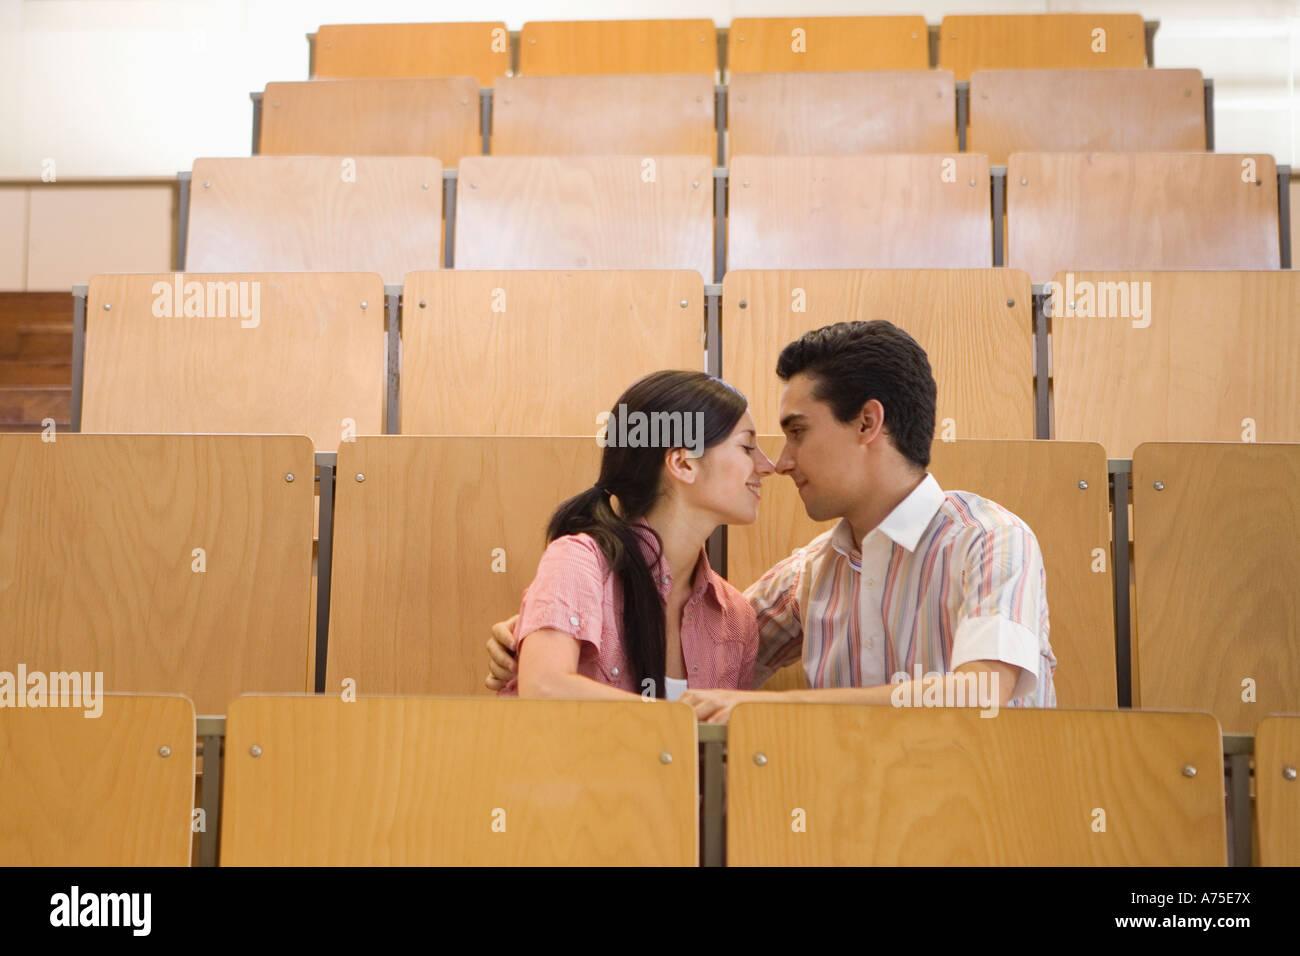 Gli studenti baciare in aula vuota Immagini Stock